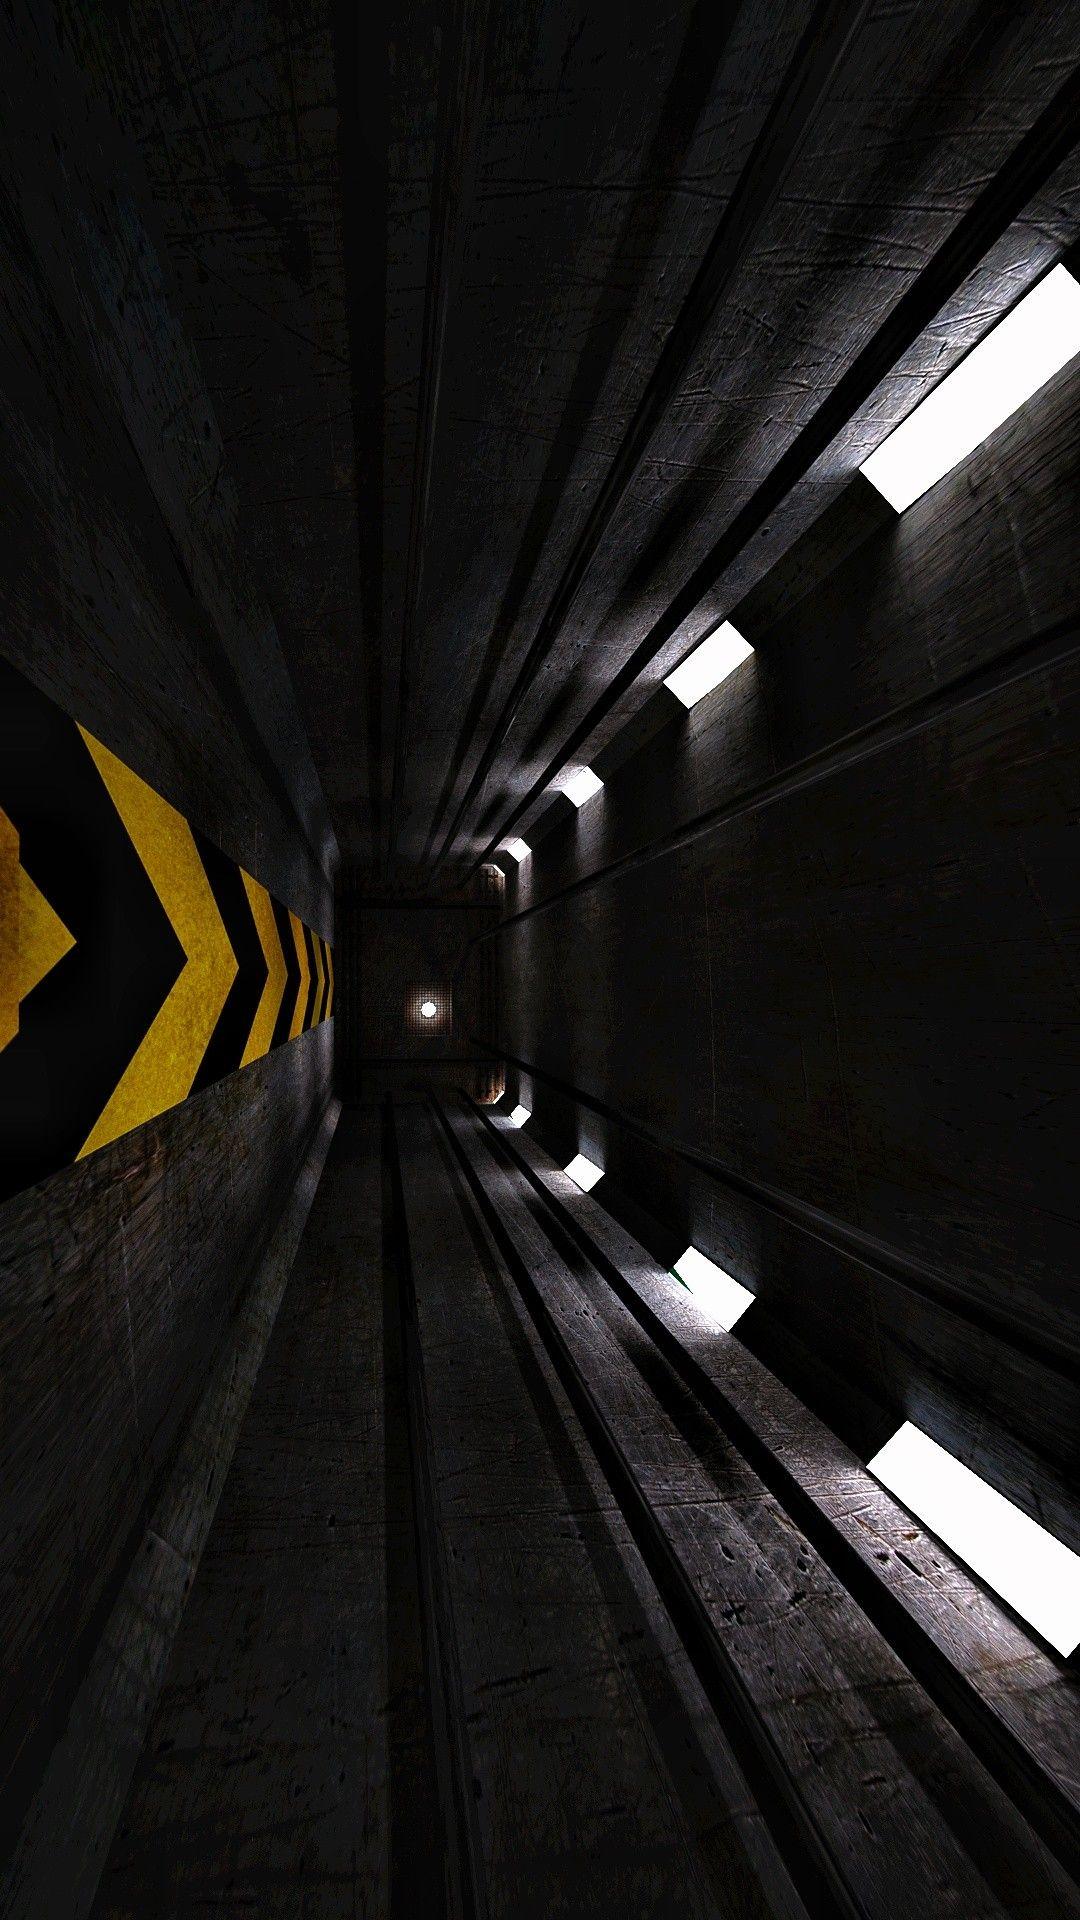 3d elevator vray render apurva parekh